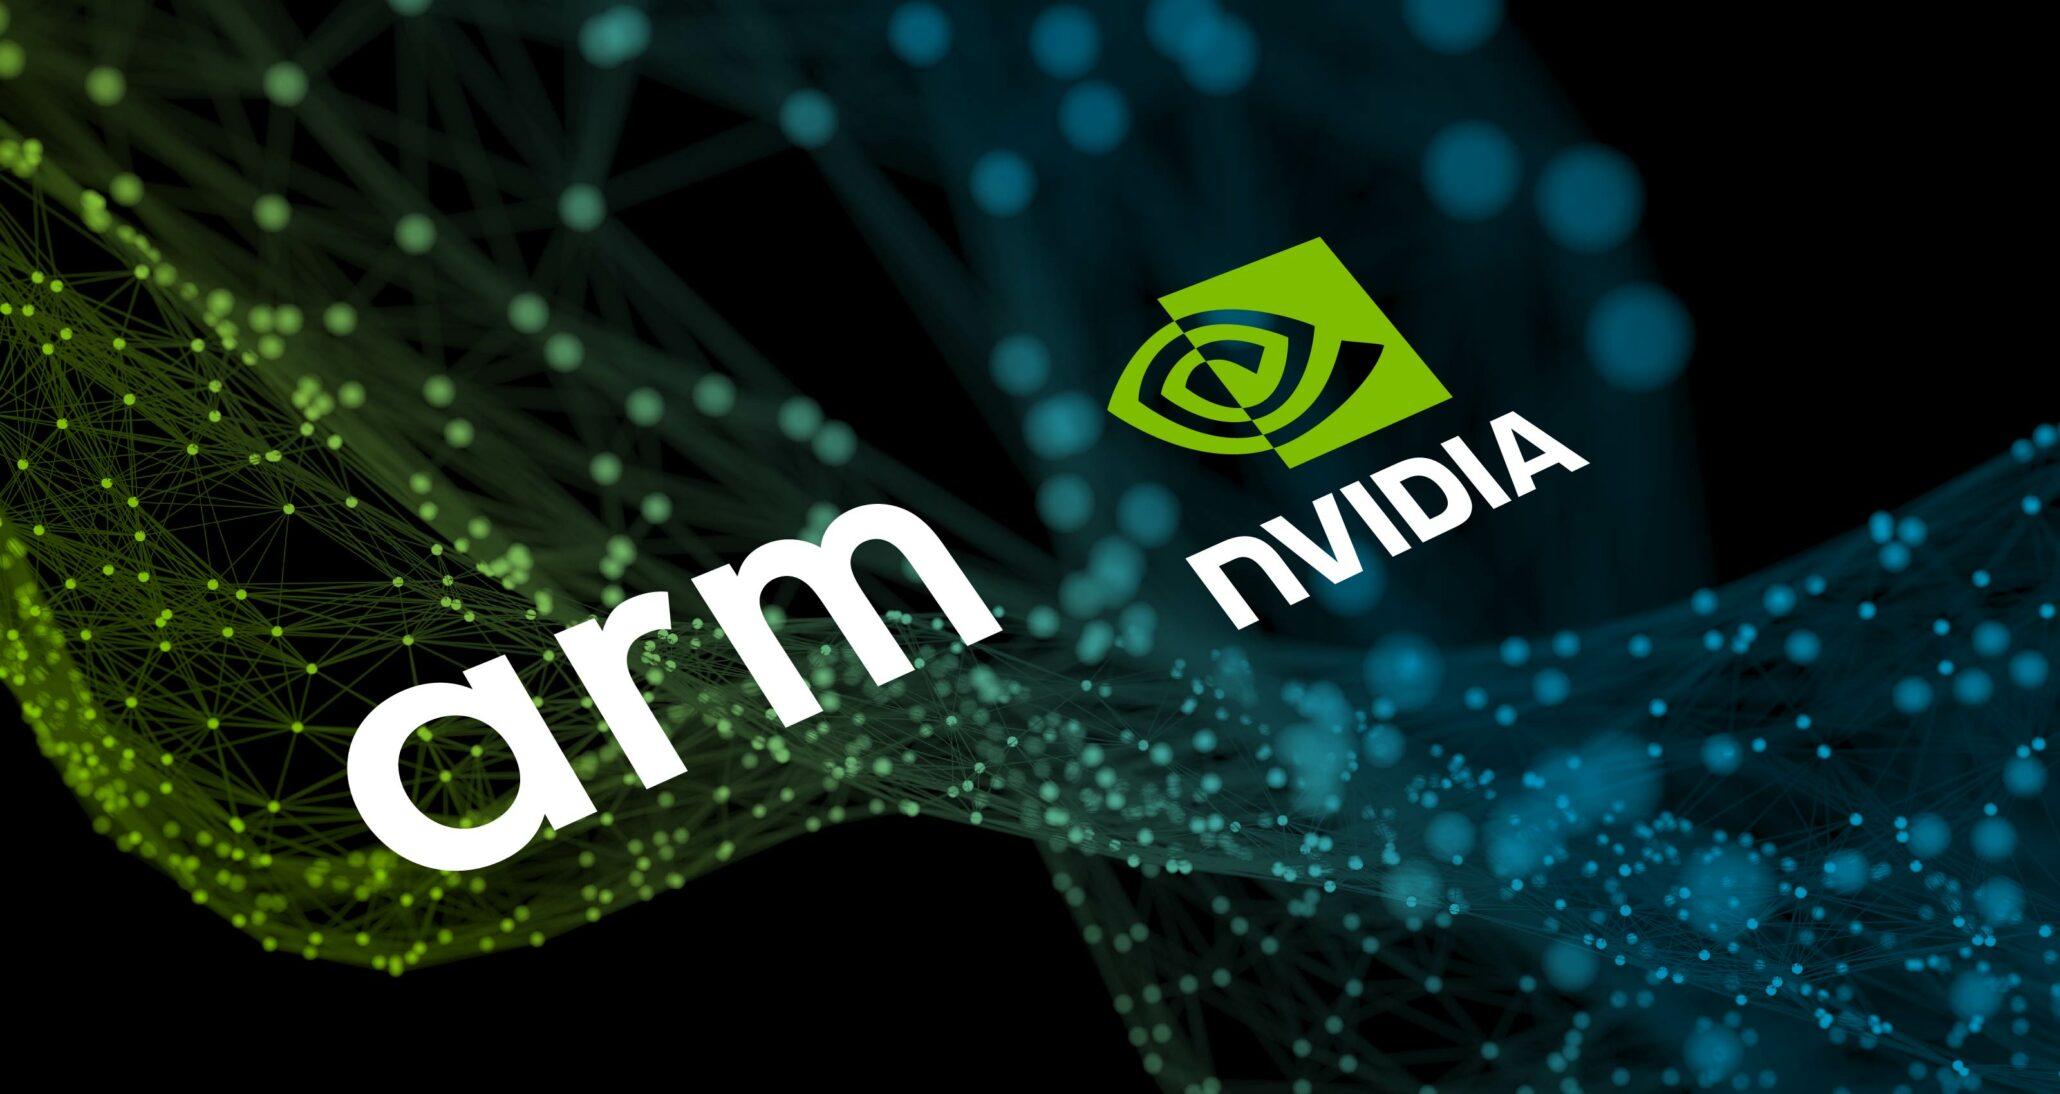 شركة NVIDIA في مباحثات متقدمة للاستحواذ على شركة ARM